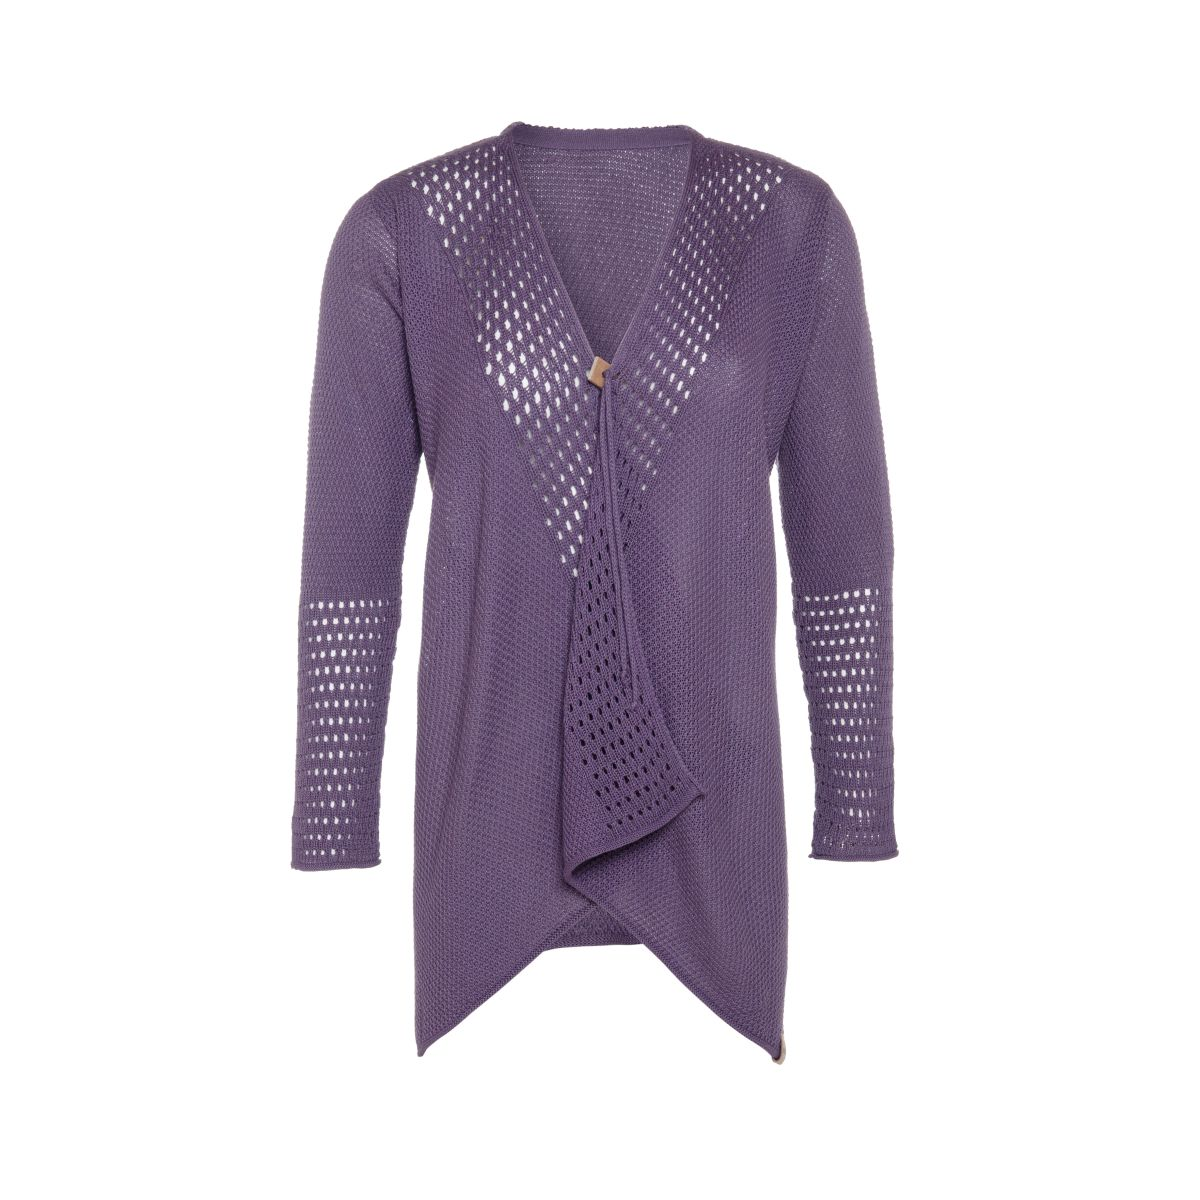 april knitted cardigan violet 4042